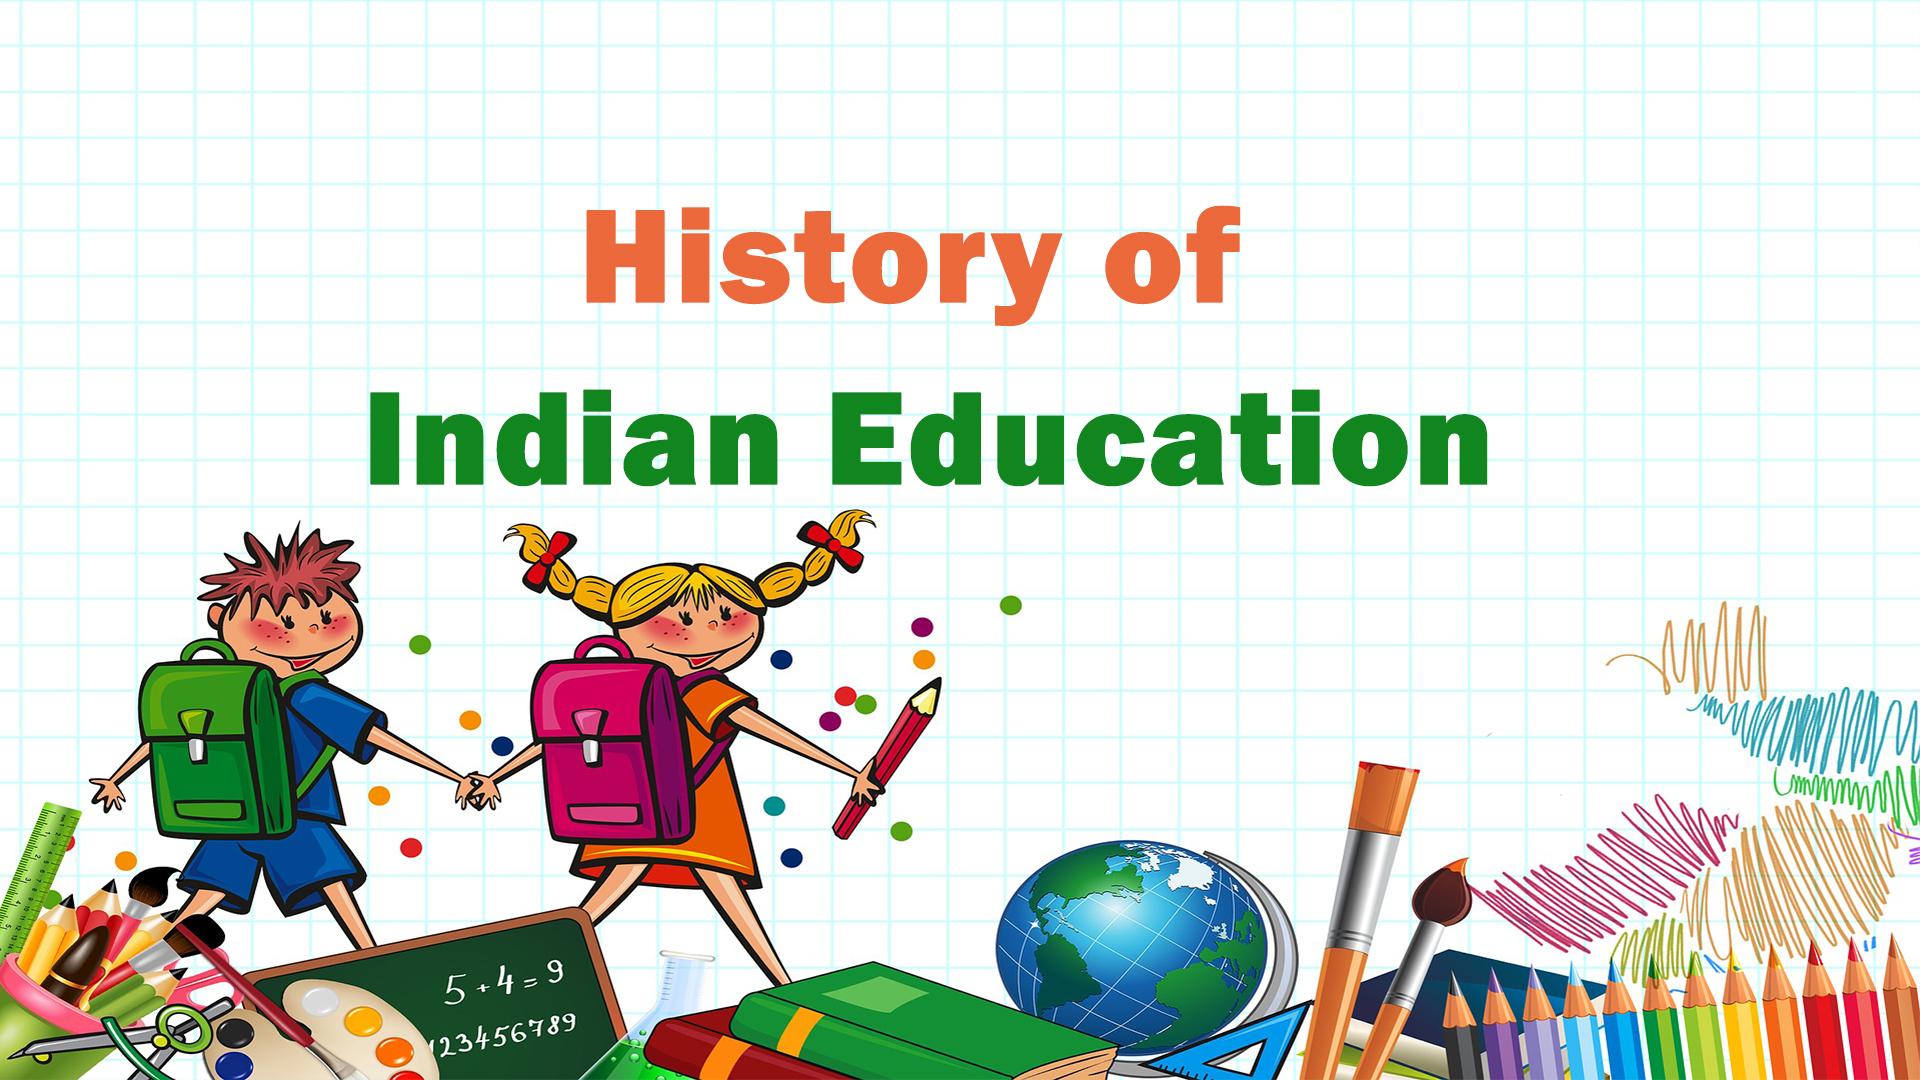 https://educationjam.com/